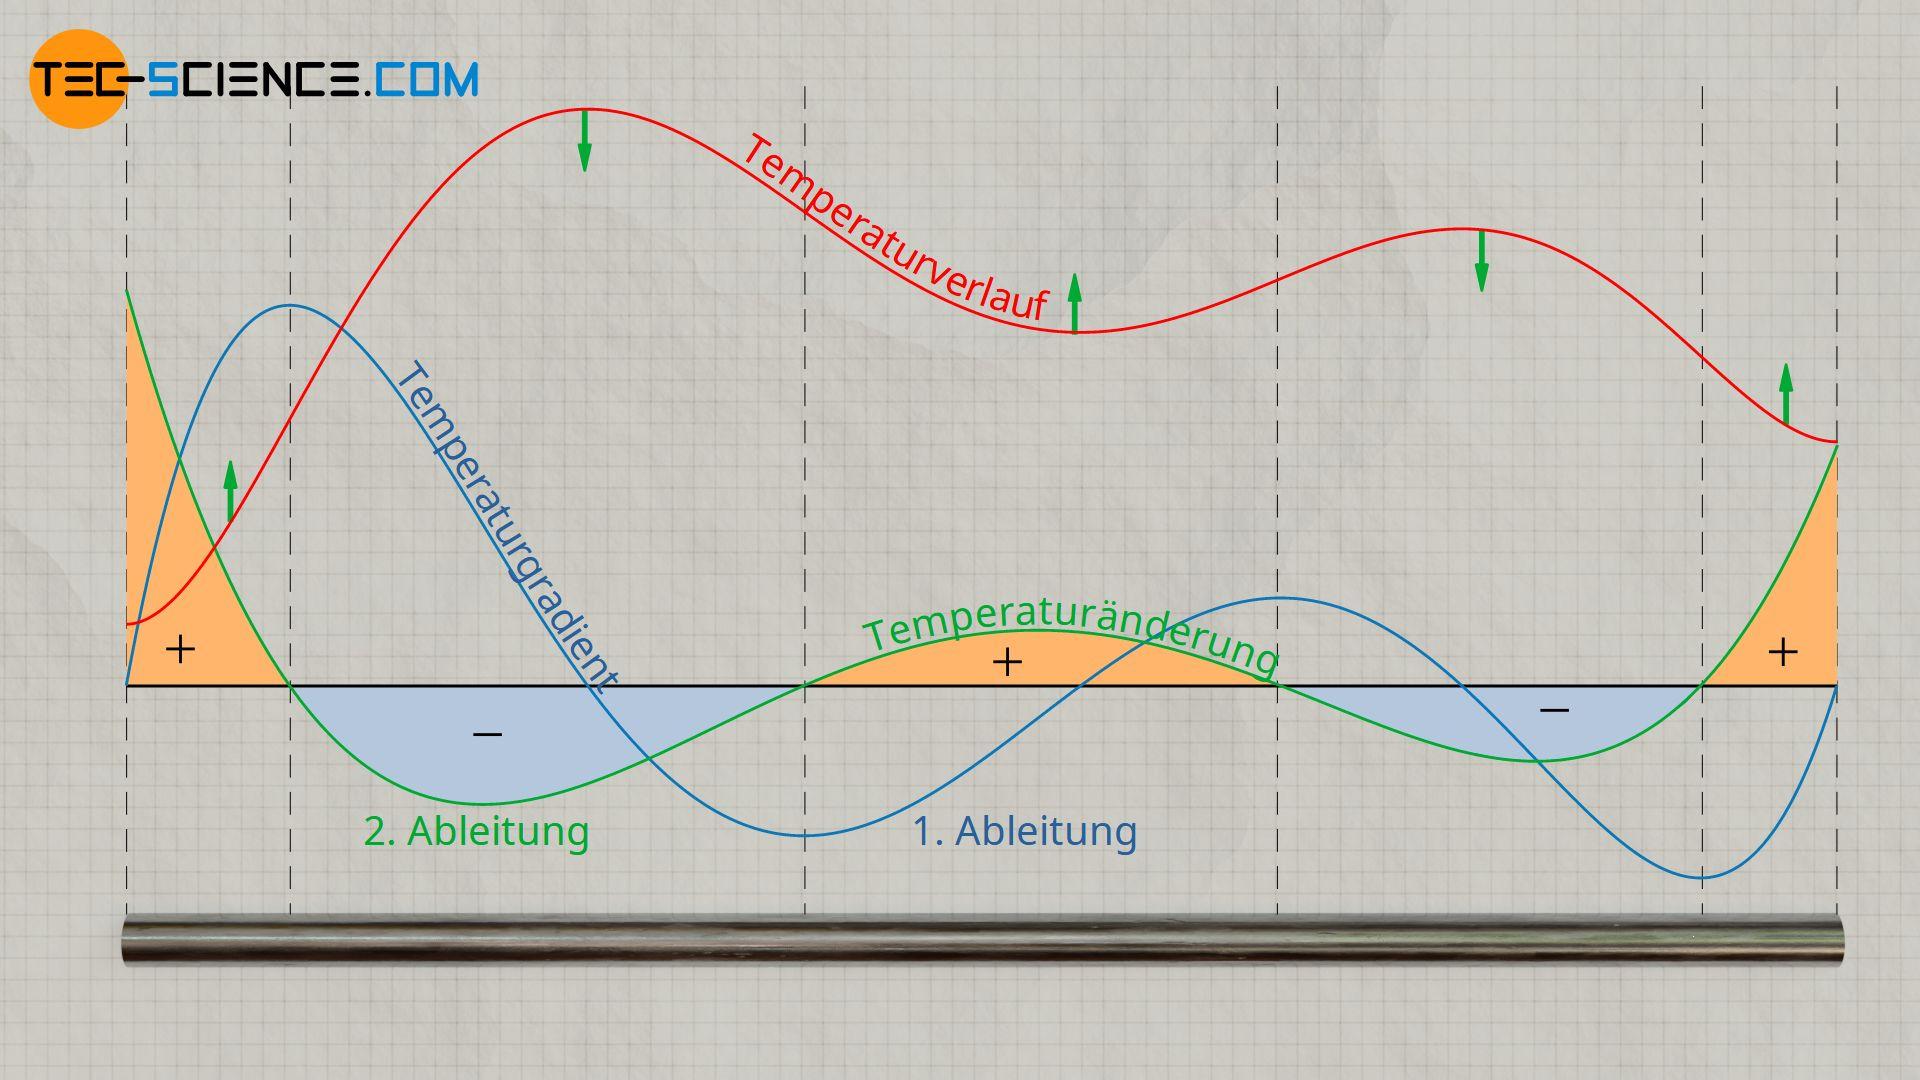 Temperaturprofil, Temperaturgradient (1. Ableitung) und Änderung des Temperaturgradienten (2. Ableitung)